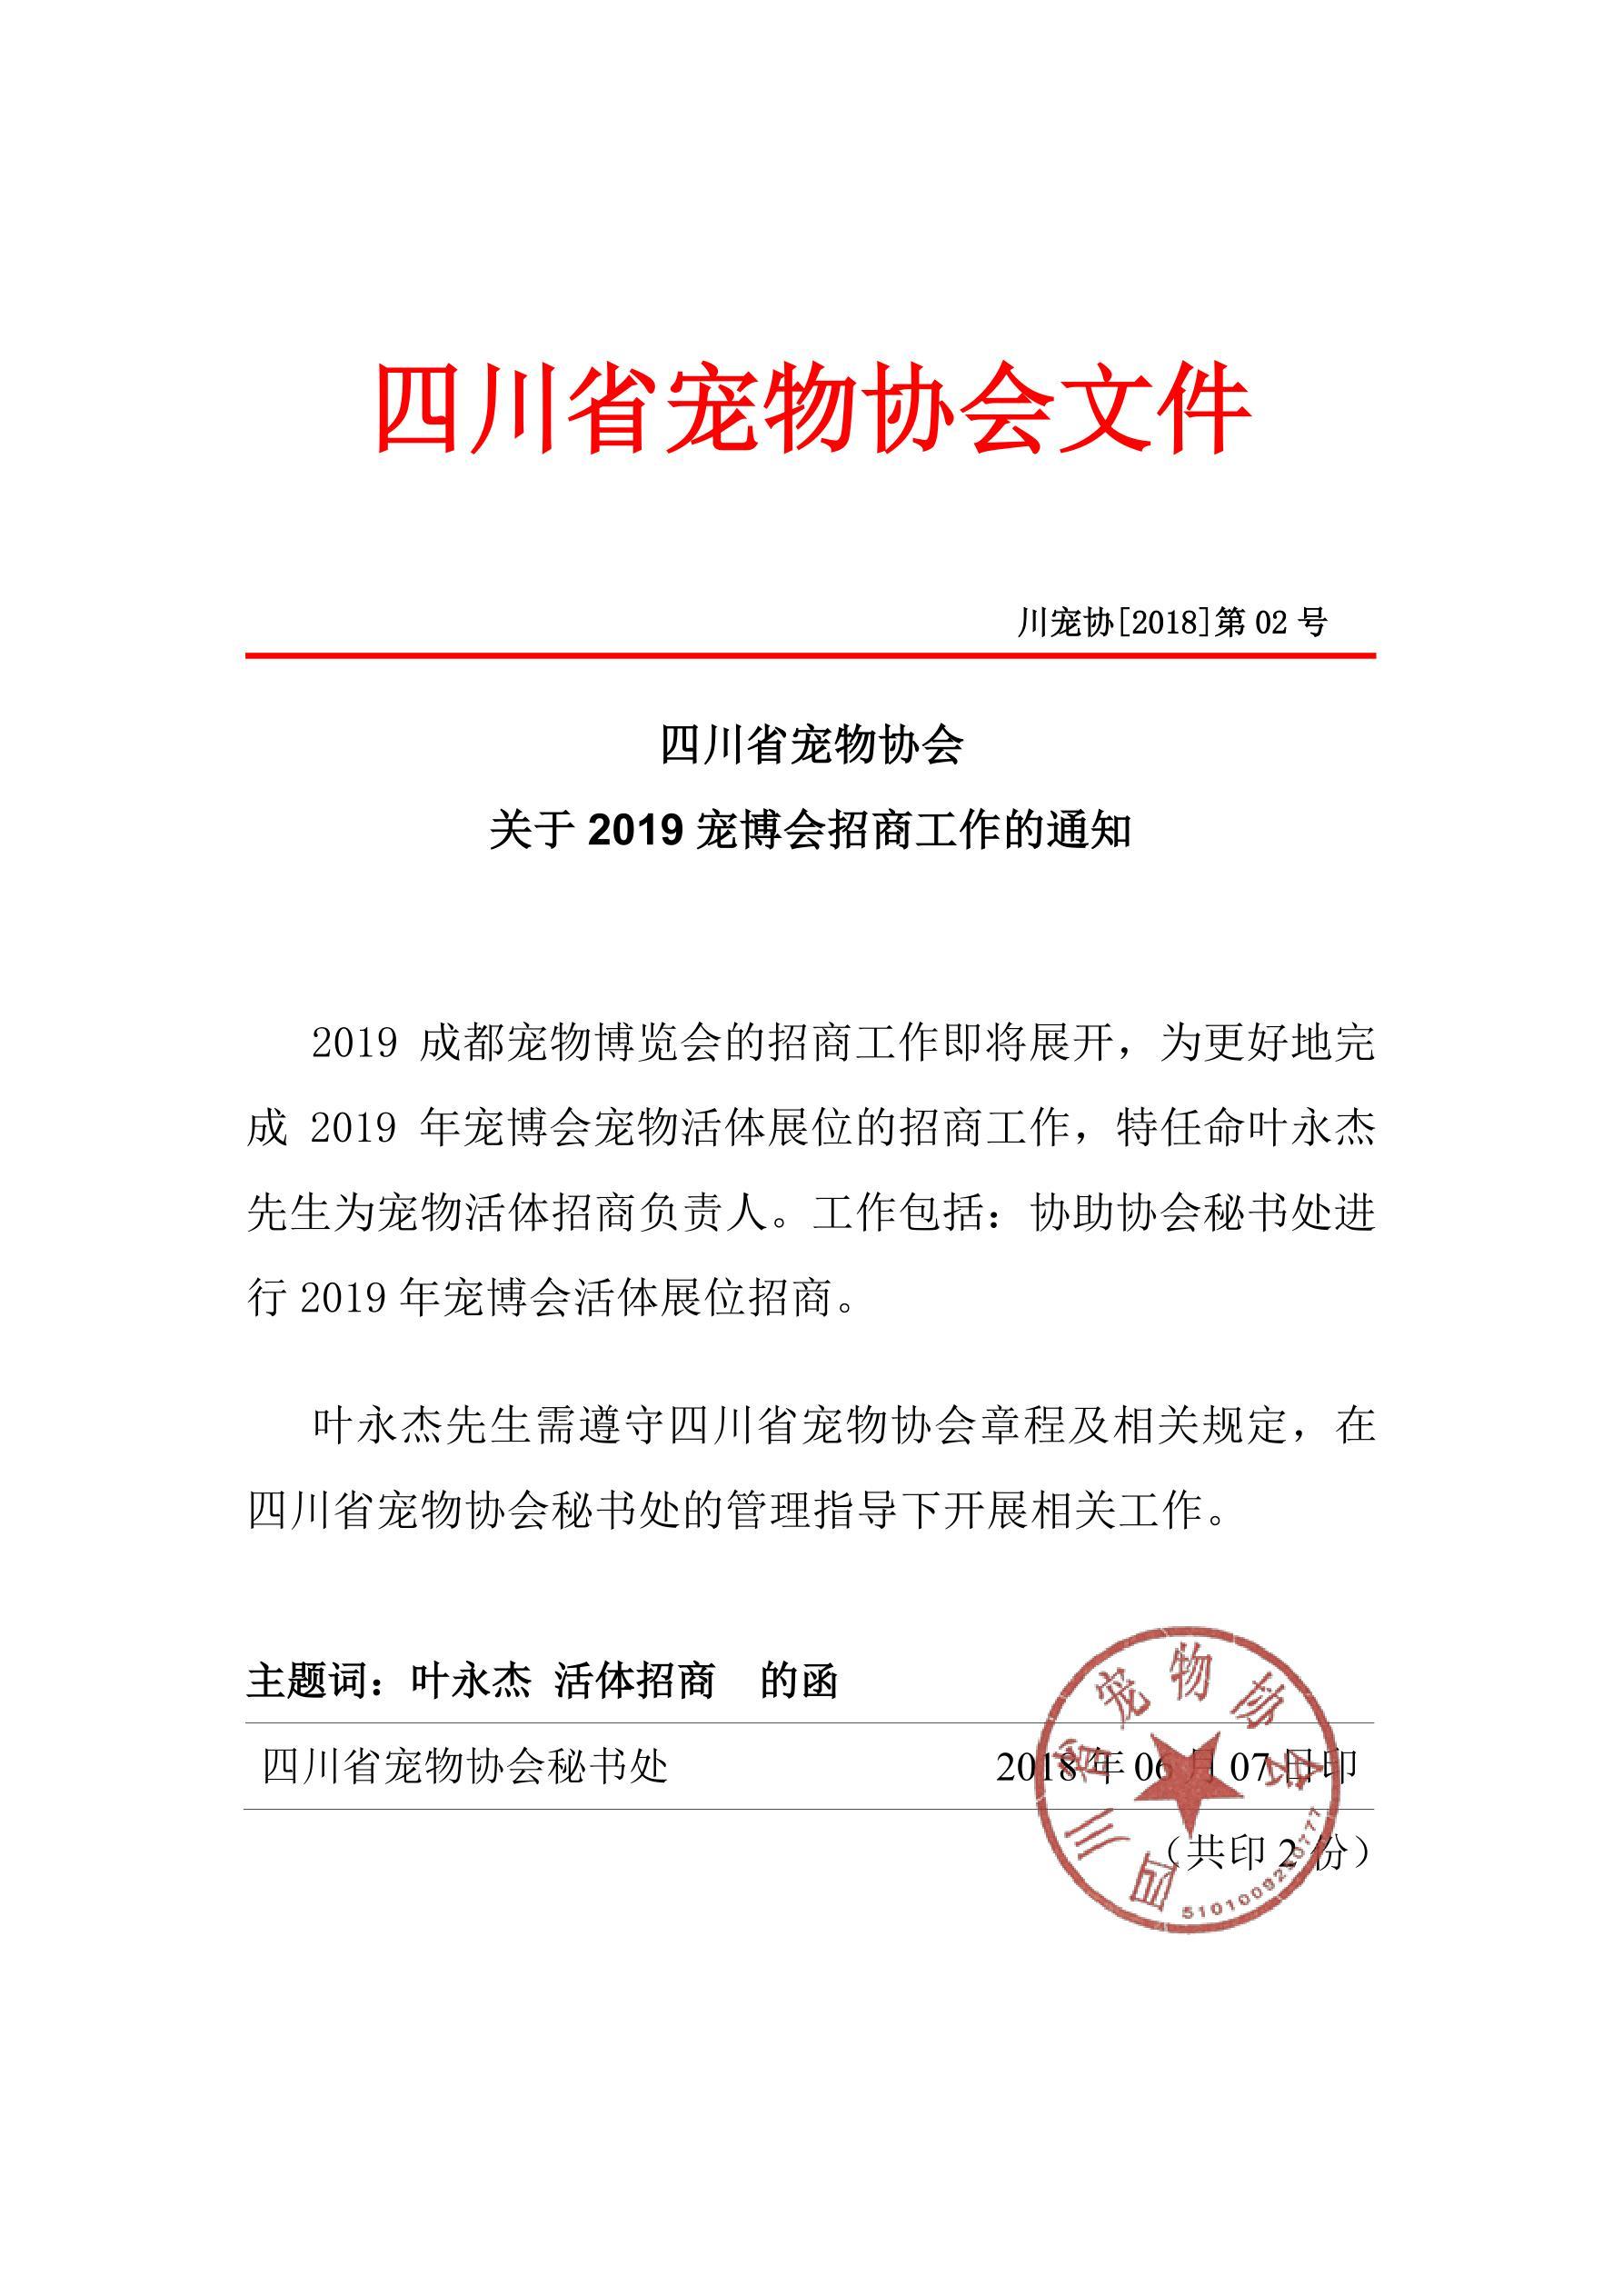 2018.2号文件--关于叶永杰招商的通知_1.jpg